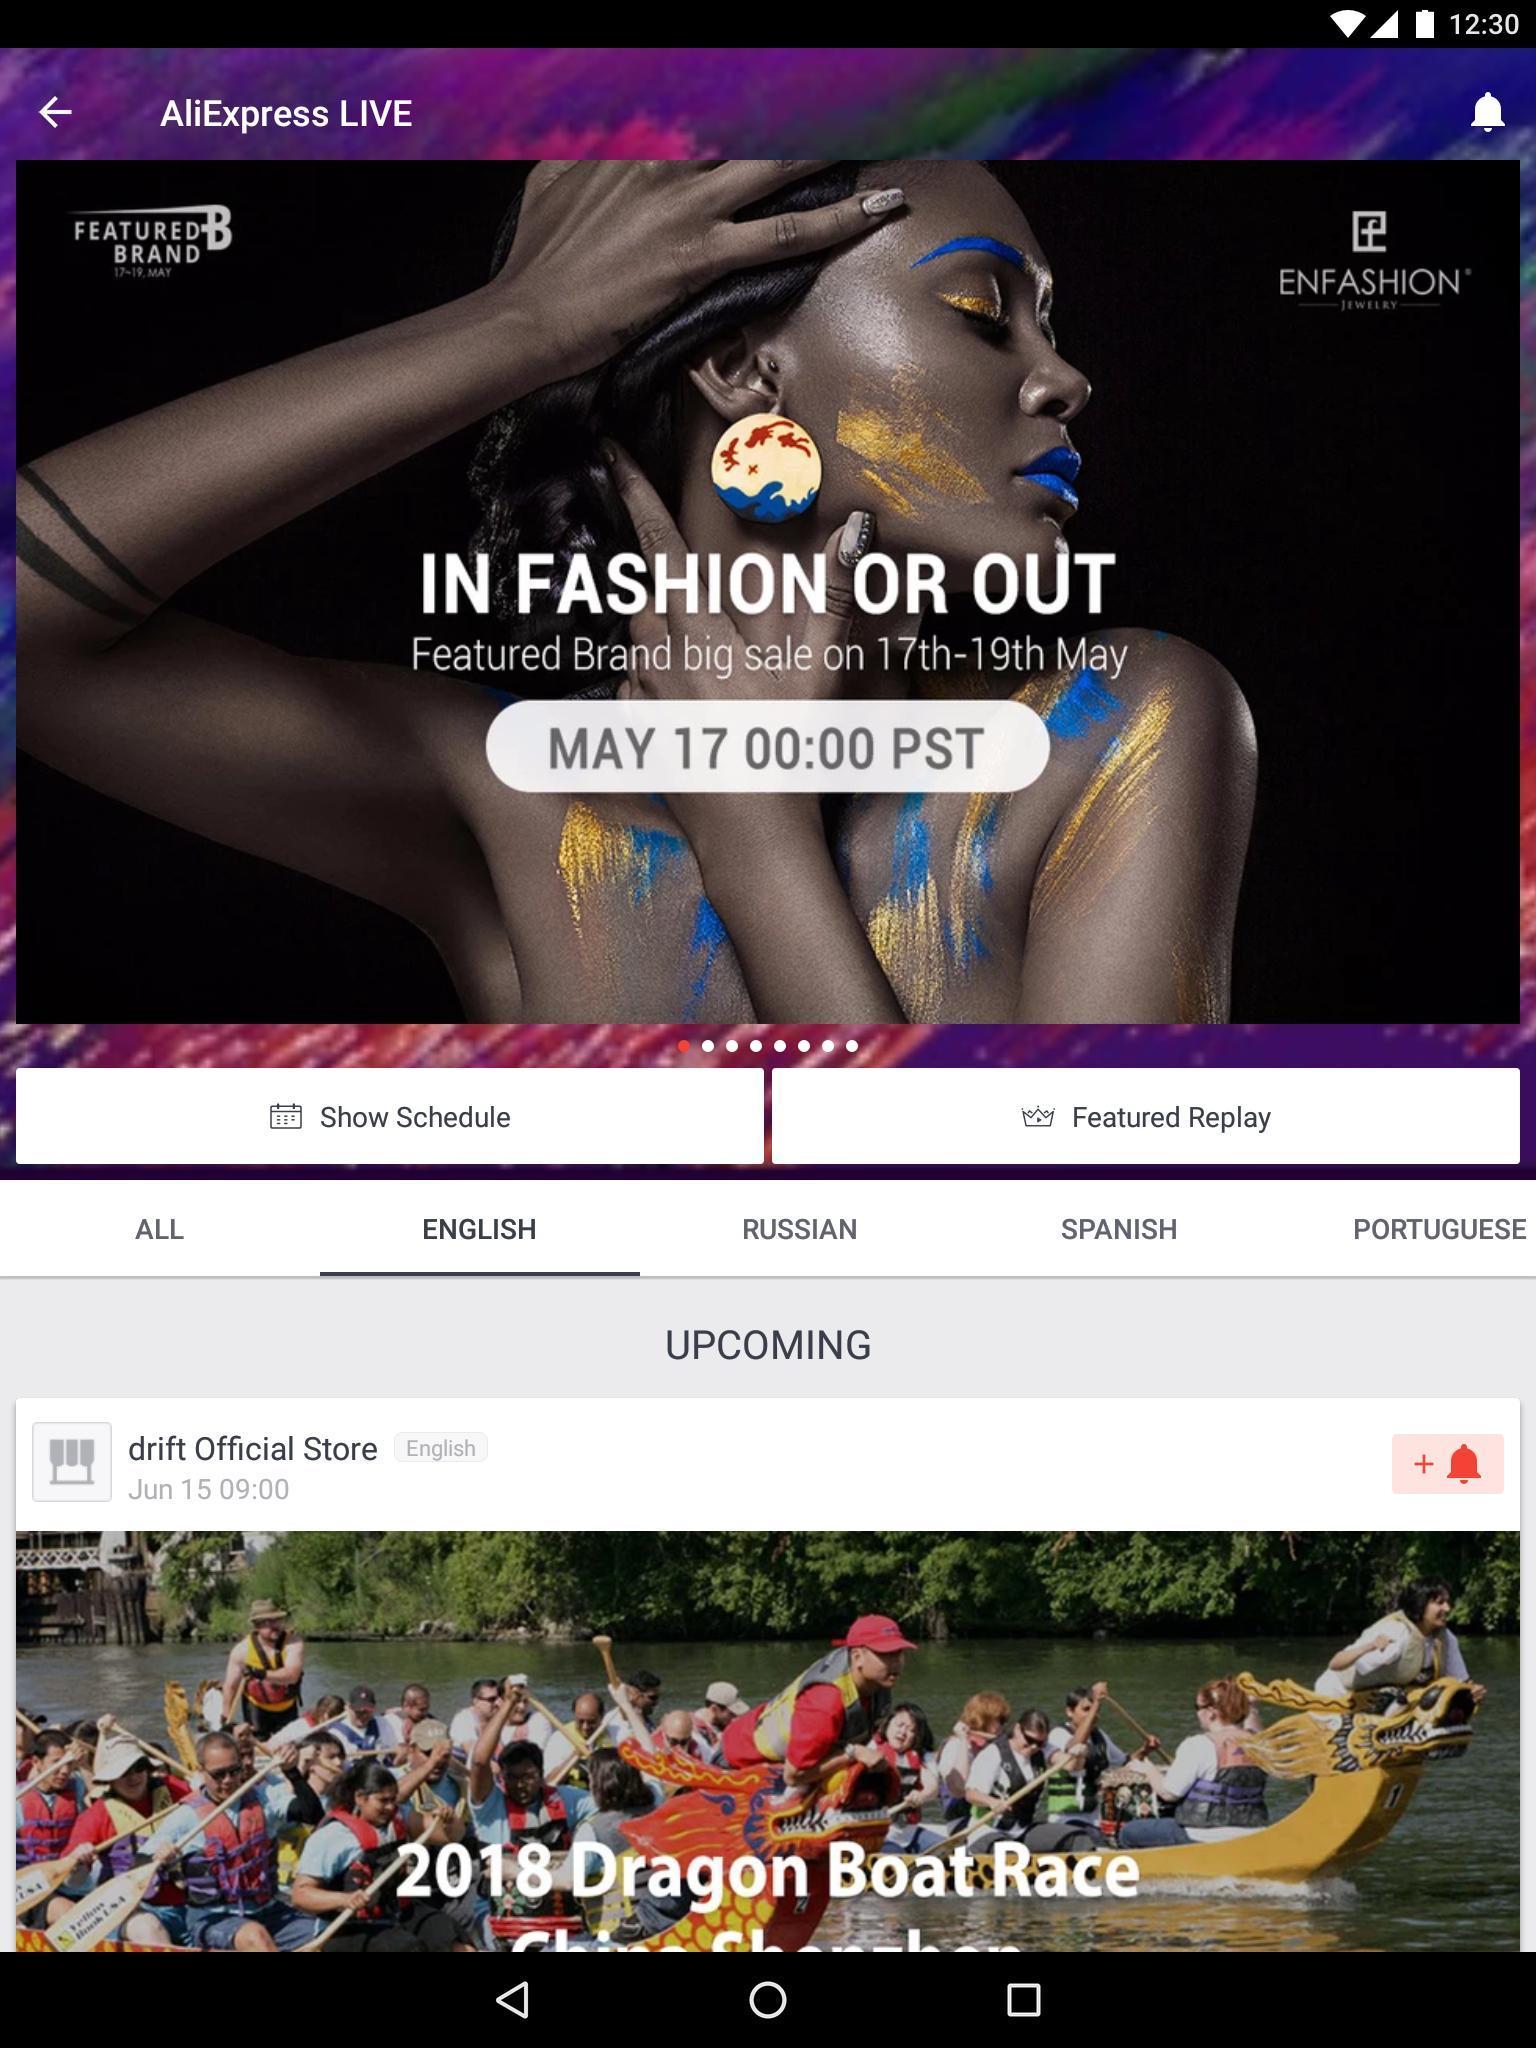 AliExpress Smarter Shopping, Better Living 8.3.3 Screenshot 10